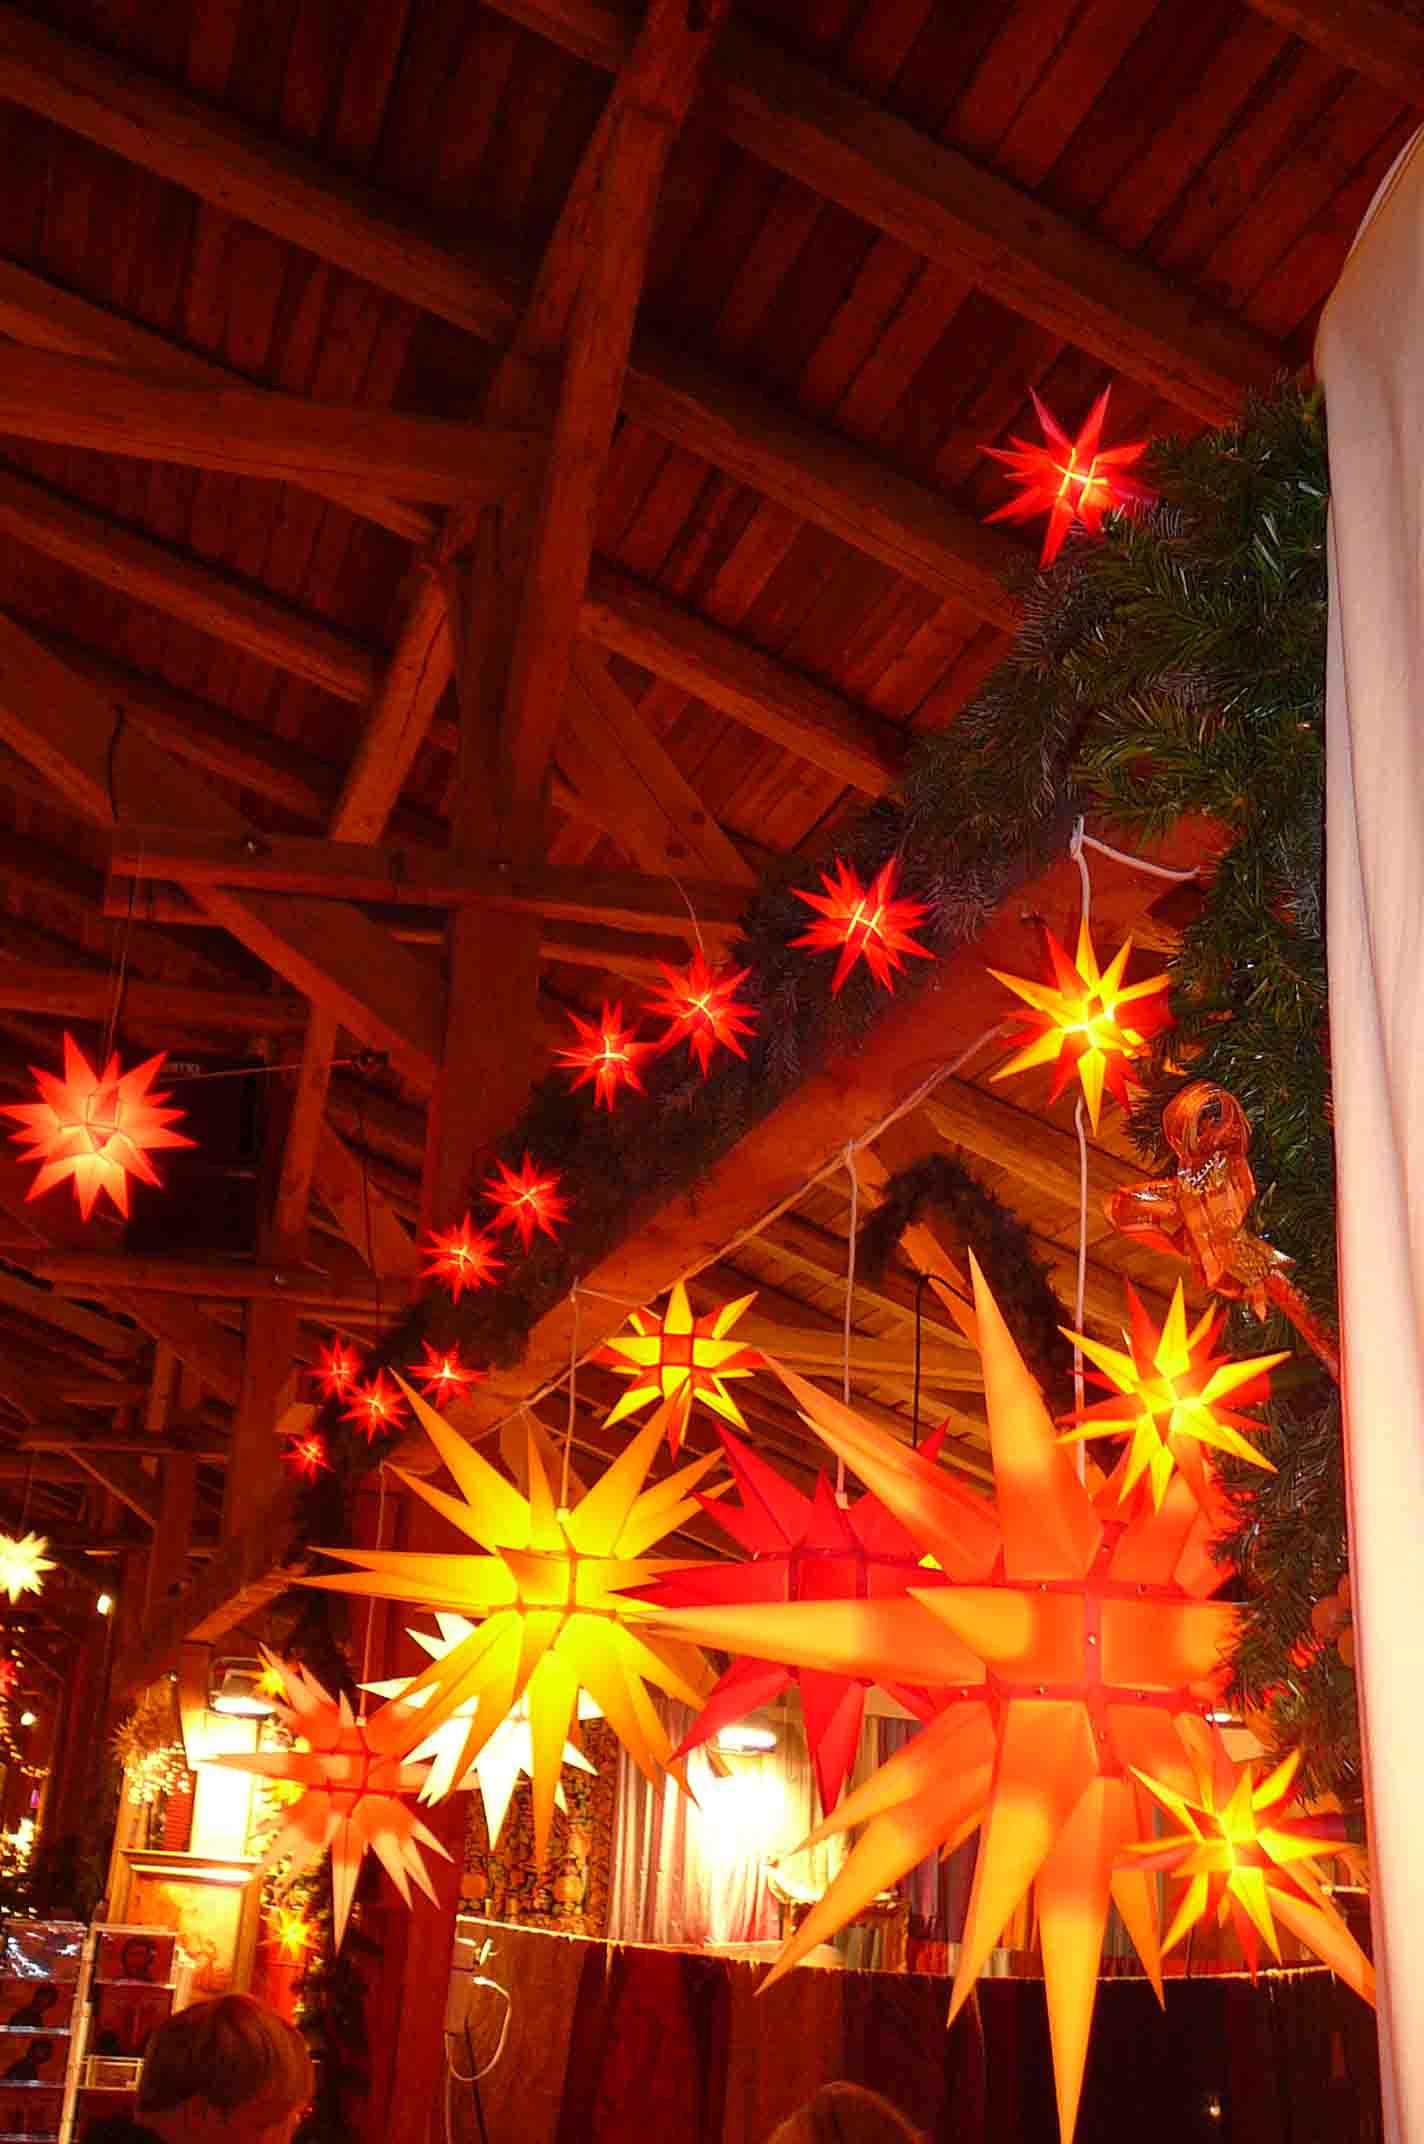 Pronstorfer Weihnacht Sterne